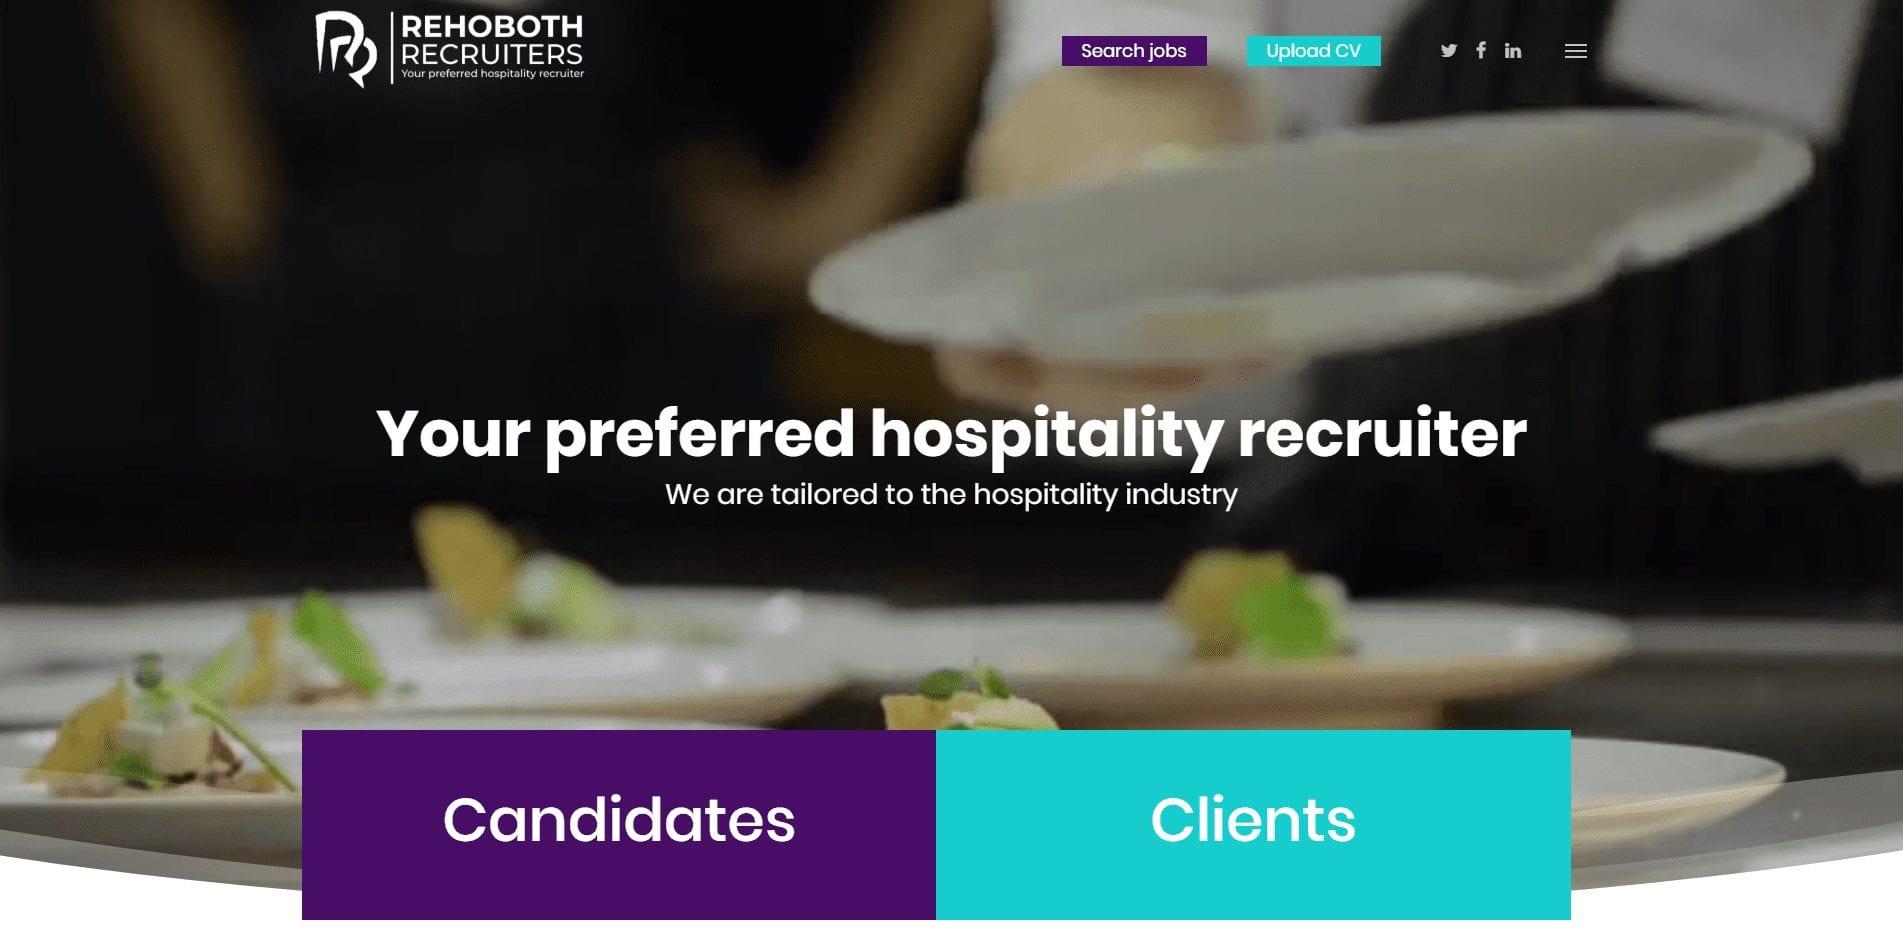 Rehoboth Recruiters